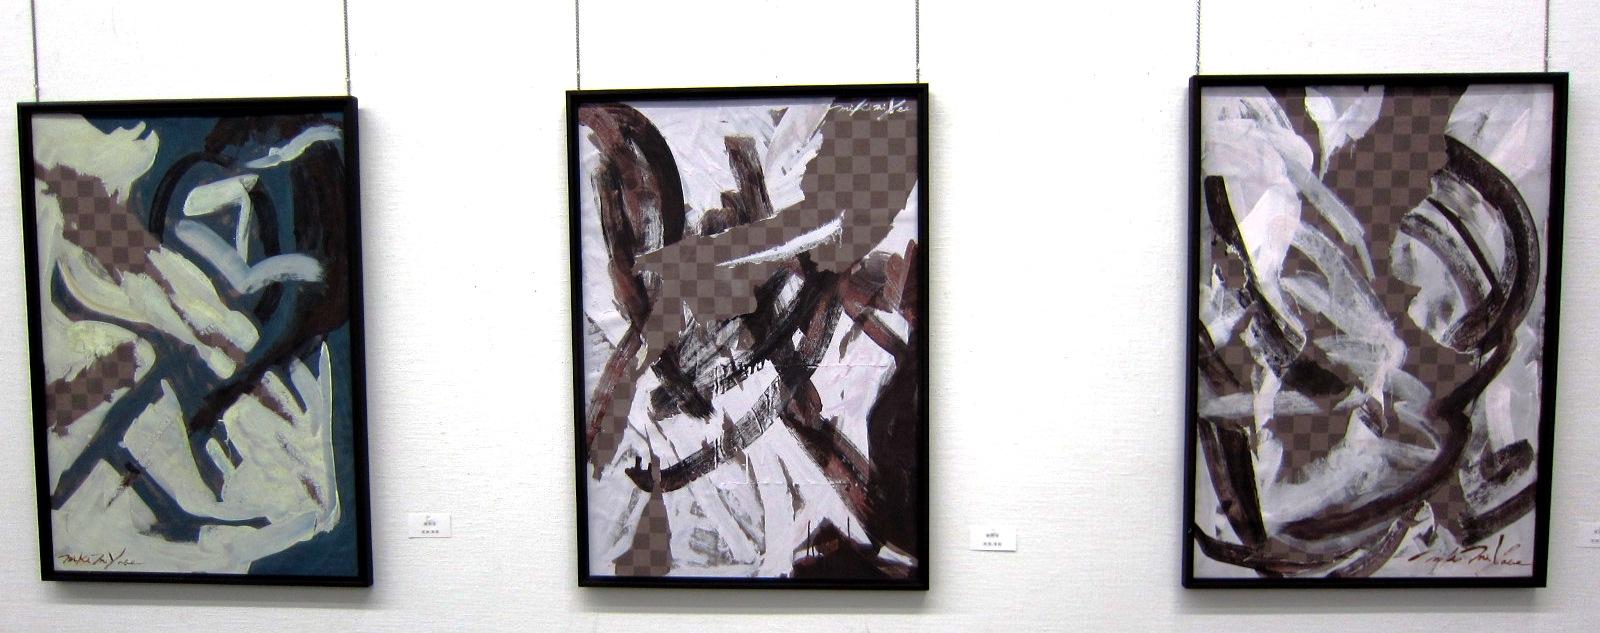 2397)②「第四一回 北海道抽象派作家協会展」 市民ギャラリー 終了/4月15日(火)~4月20日(日)_f0126829_12521362.jpg